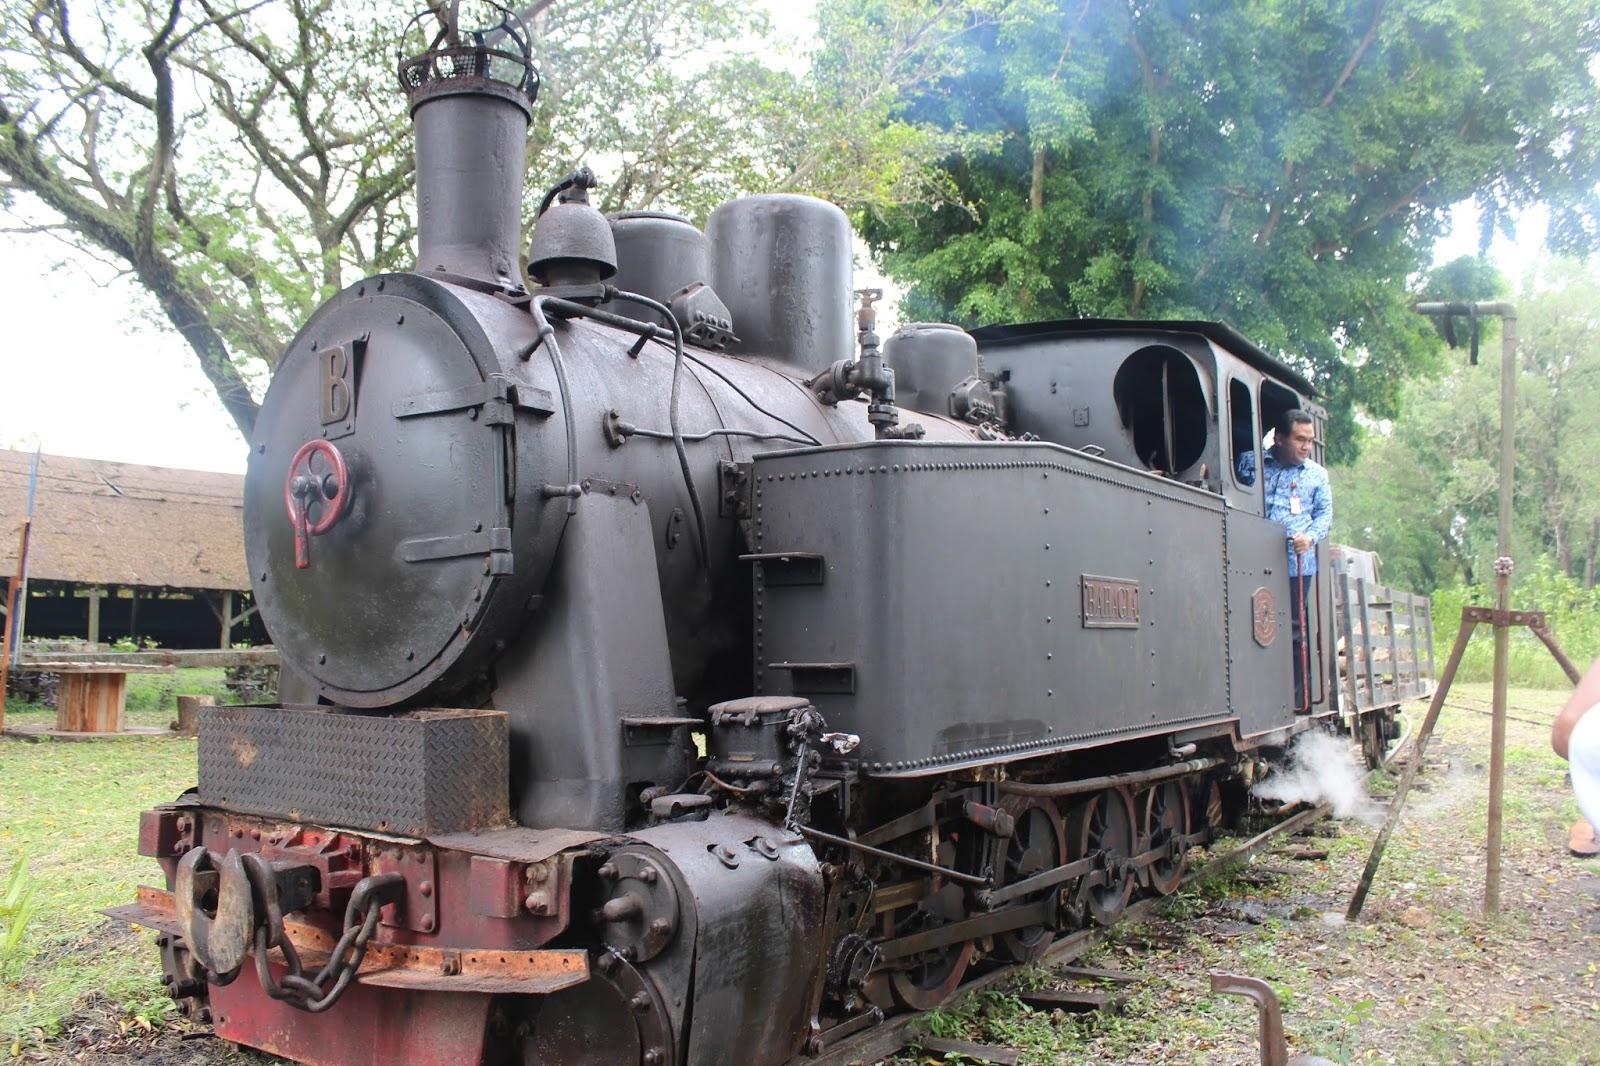 Dilaunching Heritage Loko Tour Kereta Uap Jadi Ikon Wisata Wakil